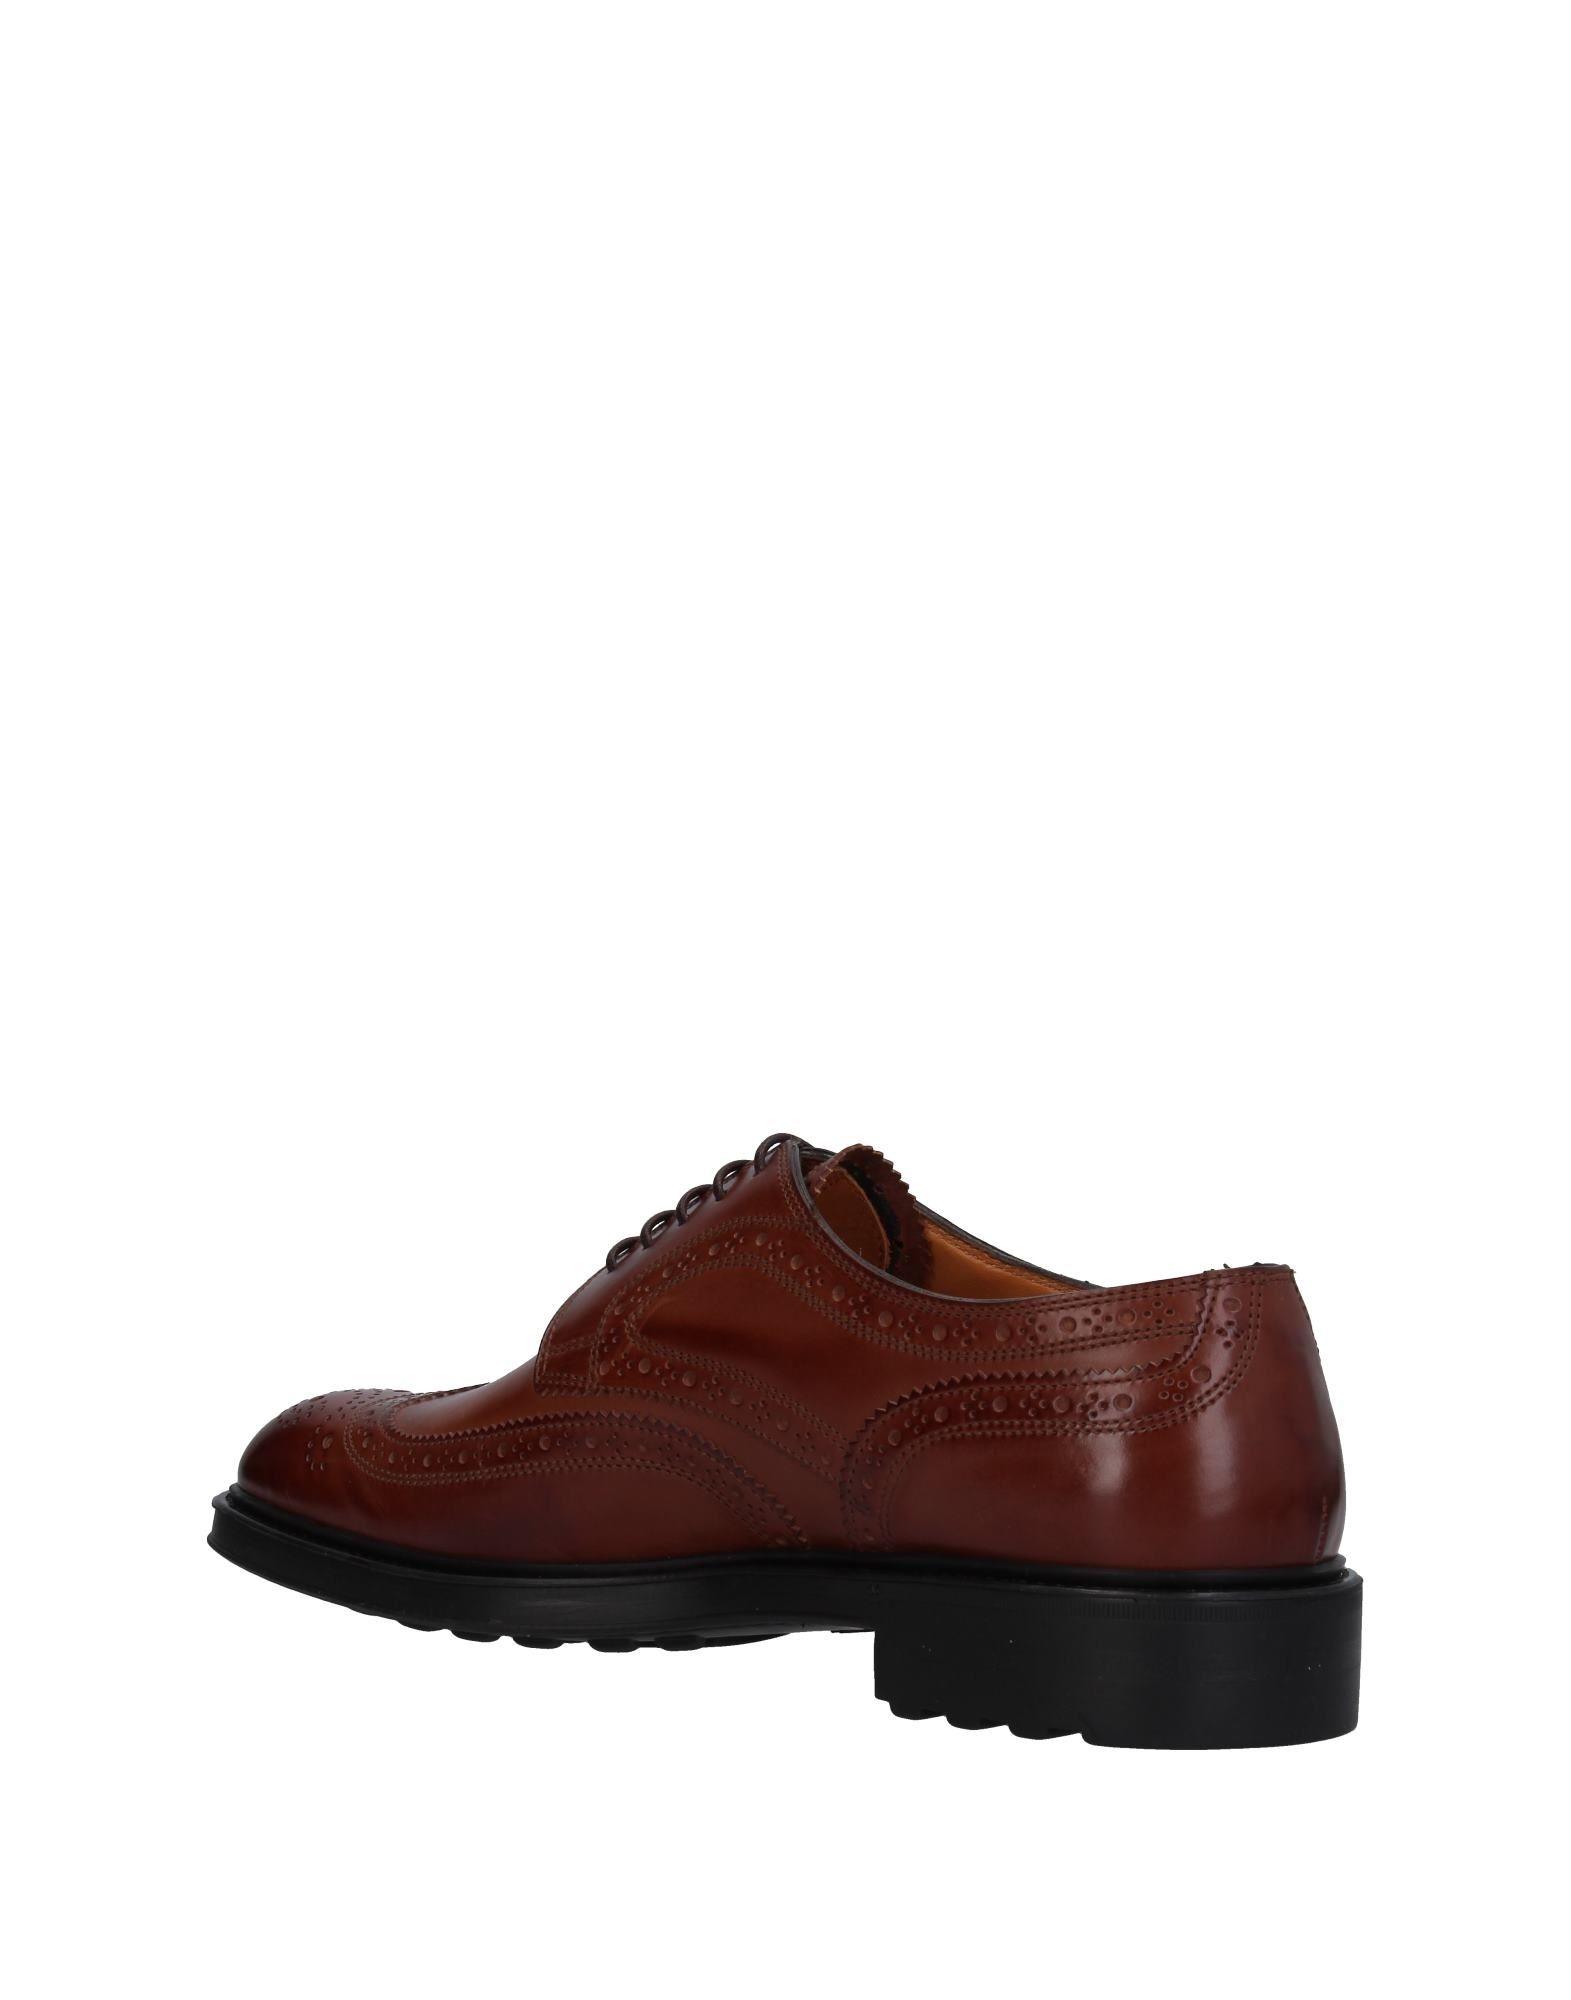 Fabi Schnürschuhe Herren  11385875LV Gute Qualität beliebte Schuhe